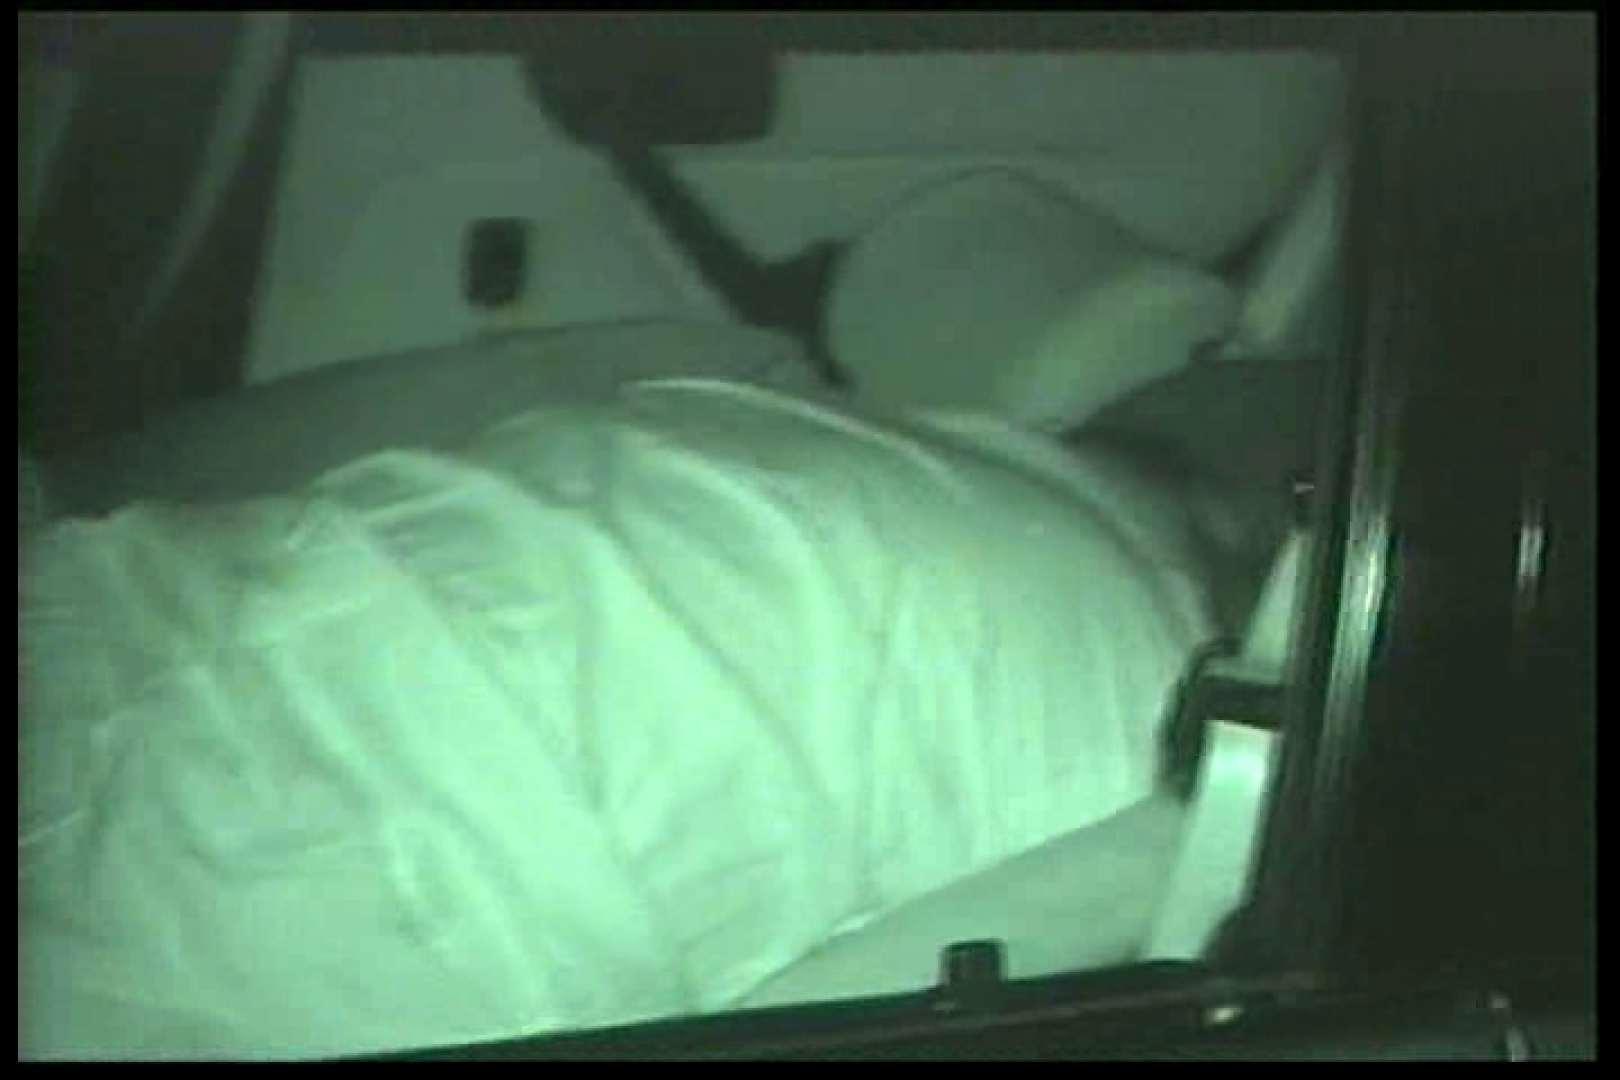 車の中はラブホテル 無修正版  Vol.15 ラブホテル隠し撮り 盗撮動画紹介 77pic 55